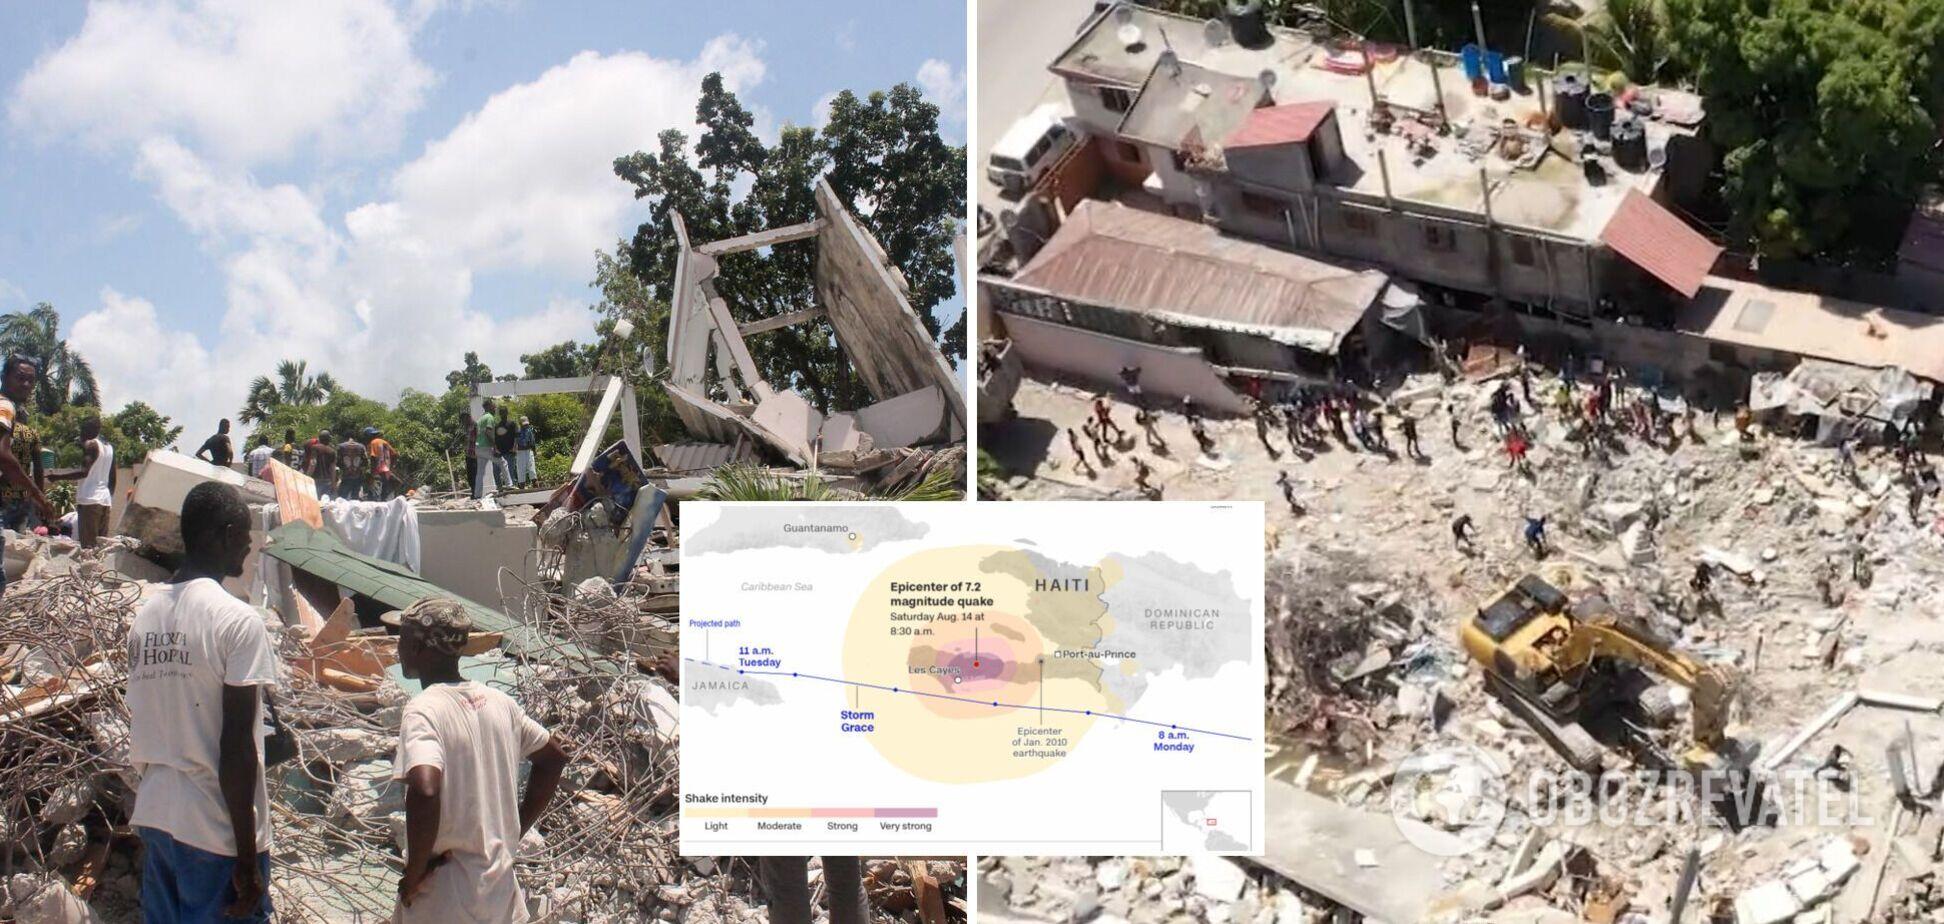 Количество жертв землетрясения на Гаити достигло почти 2 тысяч, регион накрыли мощные ливни. Фото